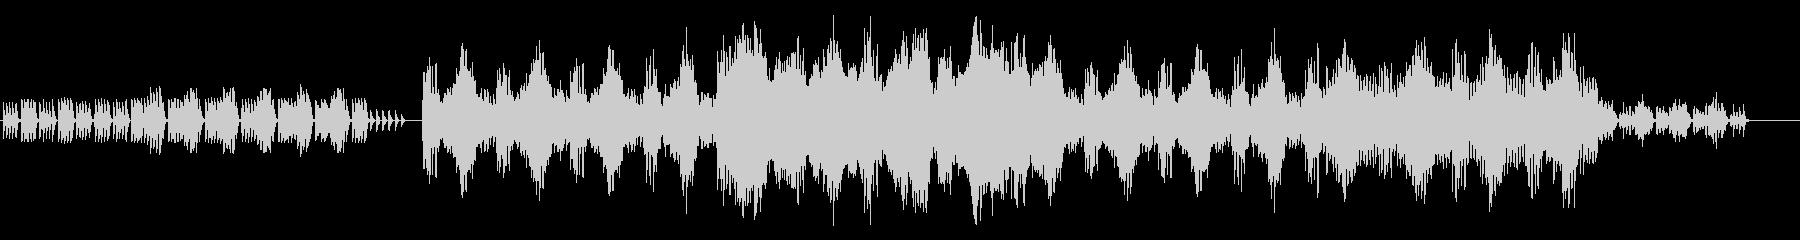 幻想的な管弦楽BGMの未再生の波形